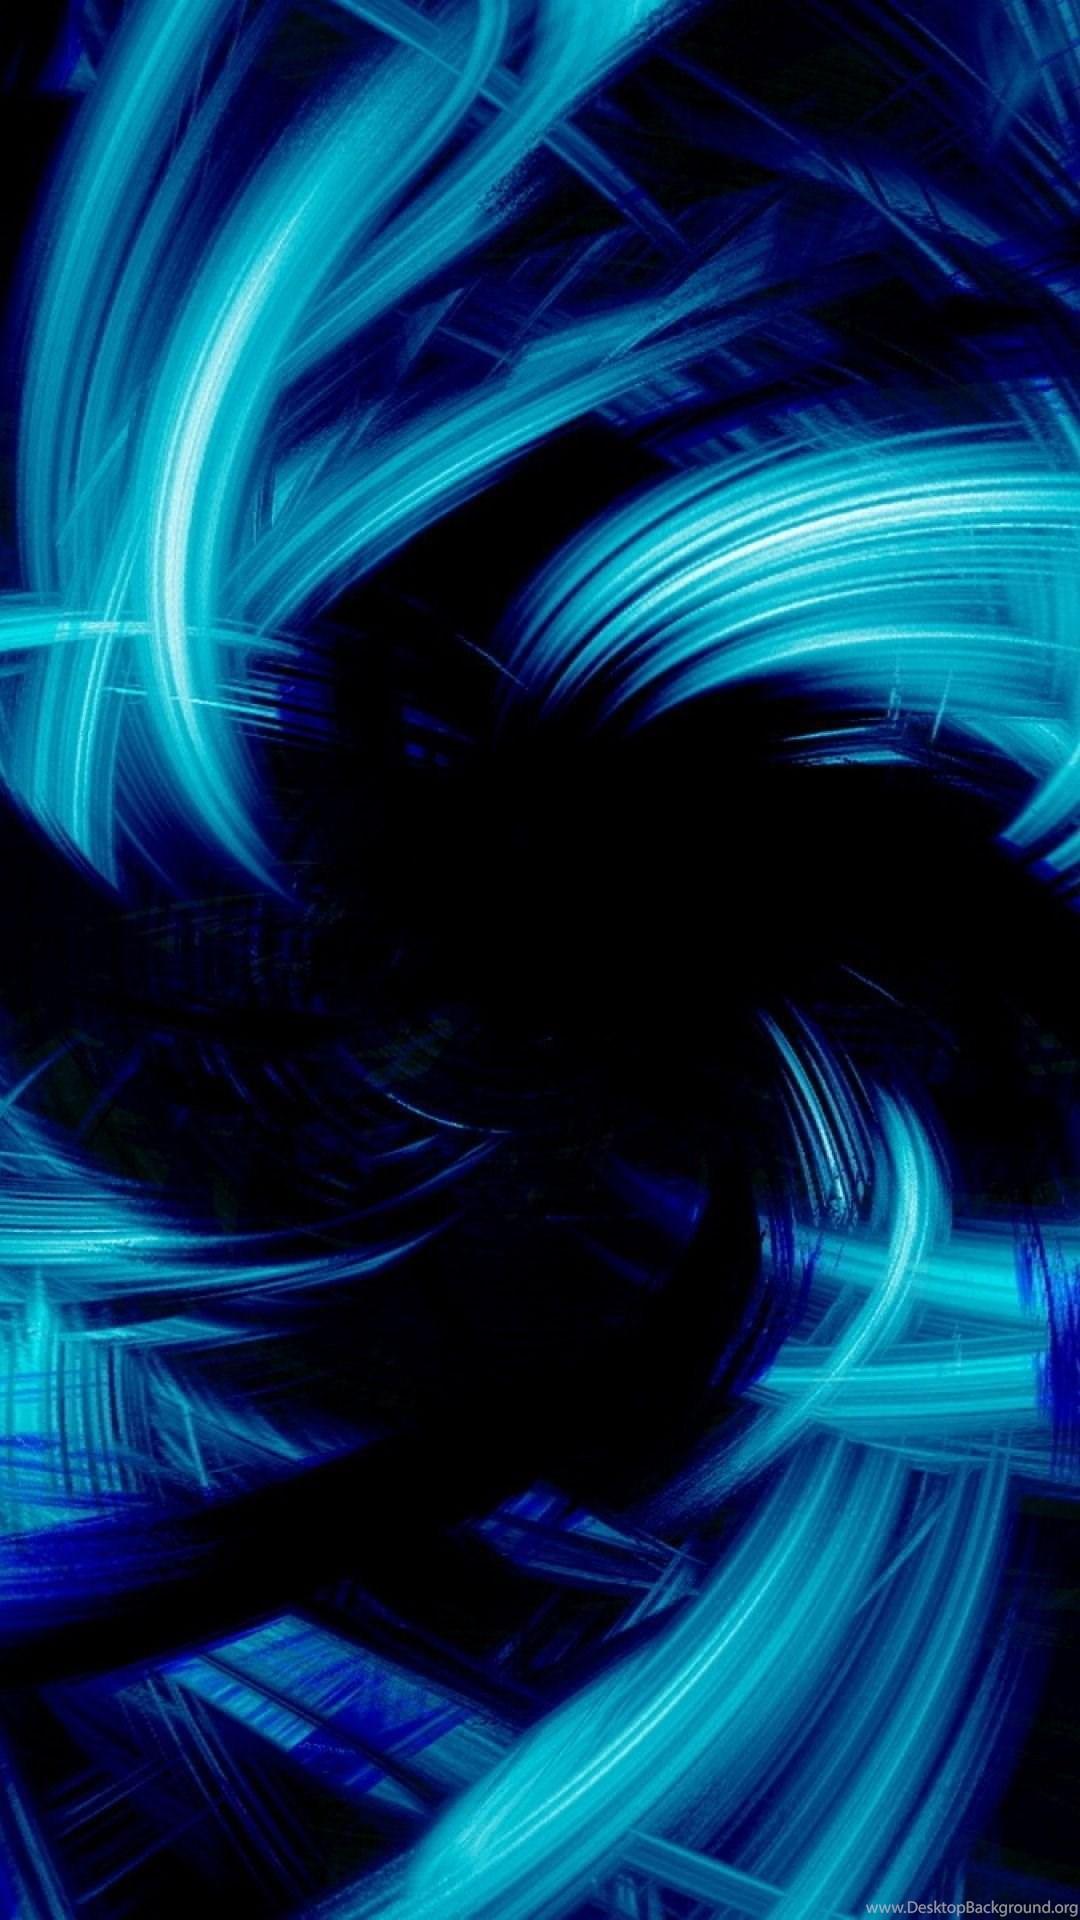 Sony Xperia Z1 Zl Z Samsung Galaxy S4 Htc One Neon Wallpapers Desktop Background